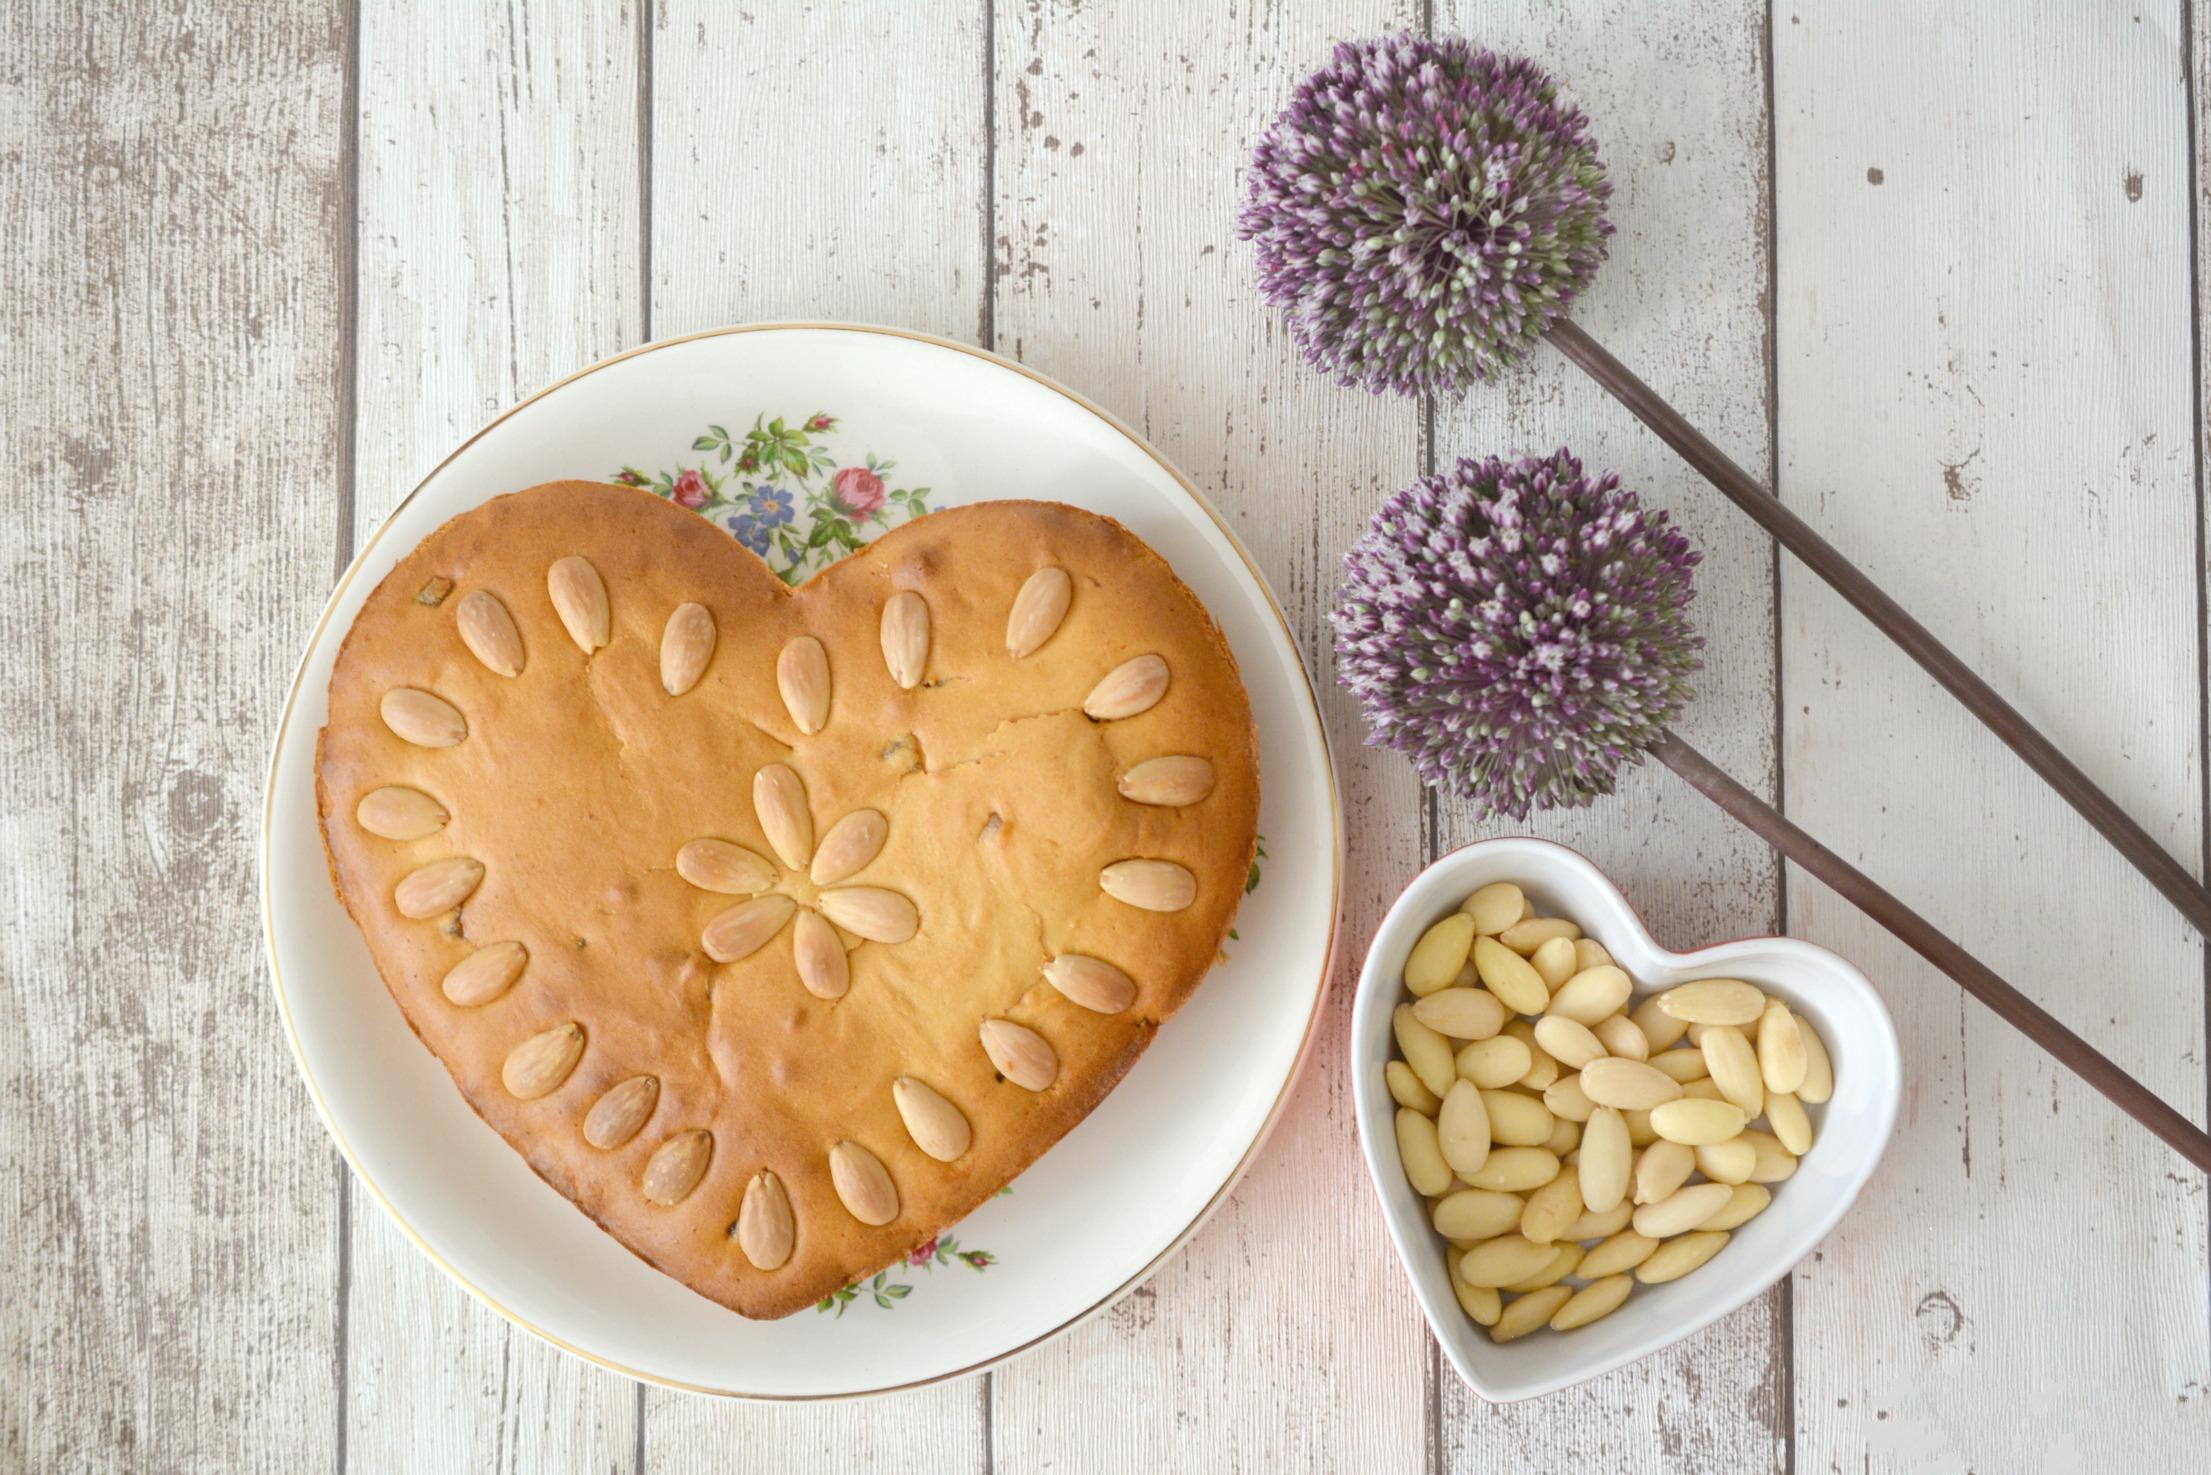 طرز تهیه کیک زنجبیلی با ساده ترین روش